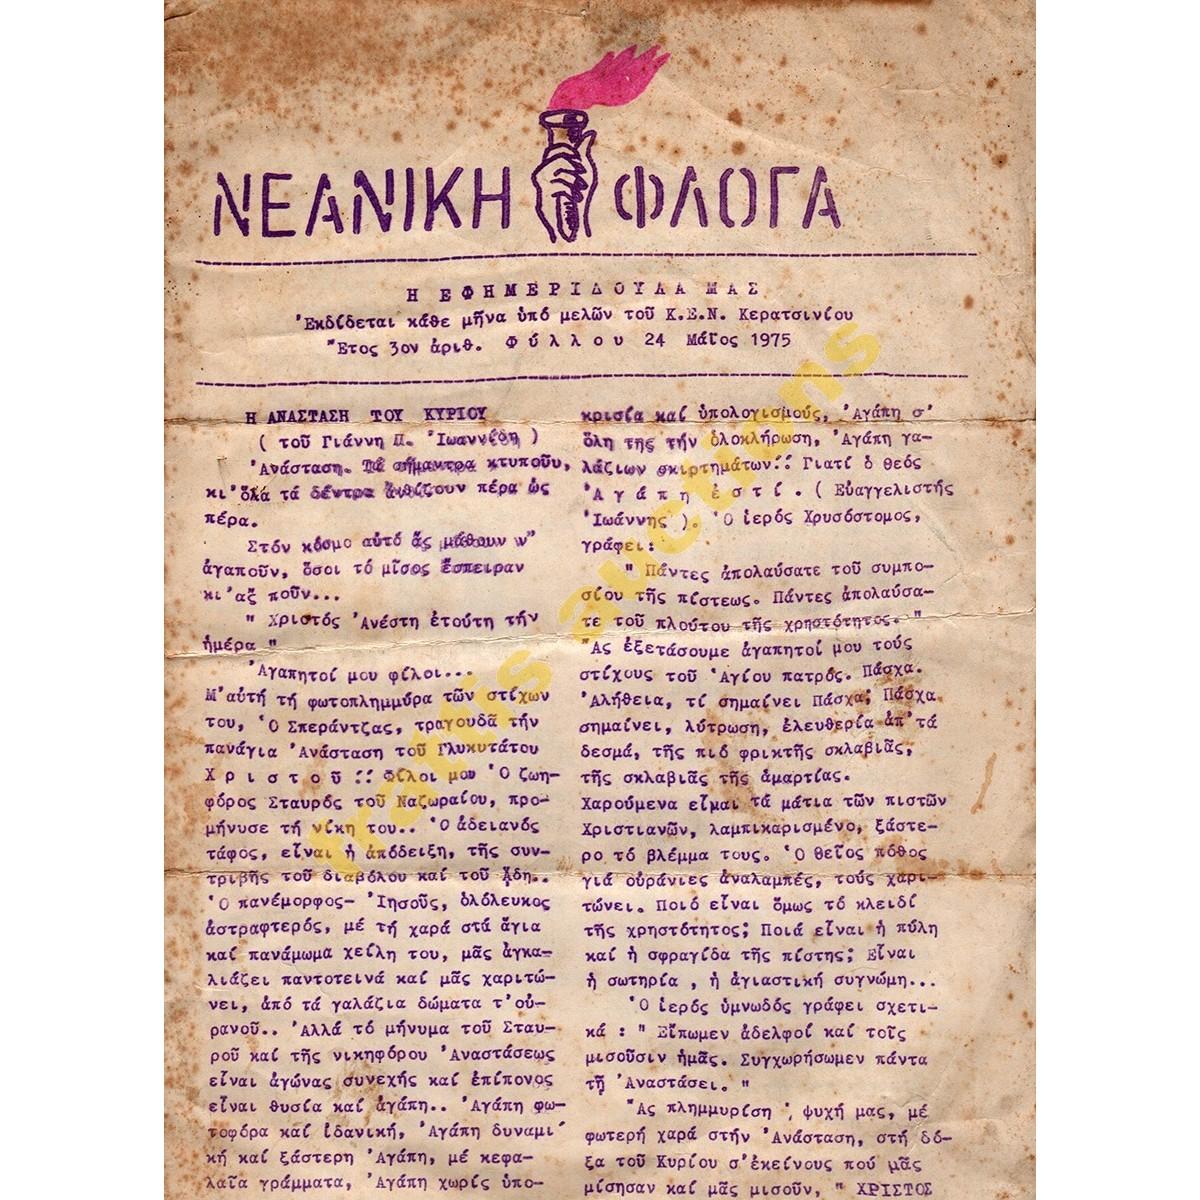 Νεανική Φλόγα, εφημερίδα 1975.